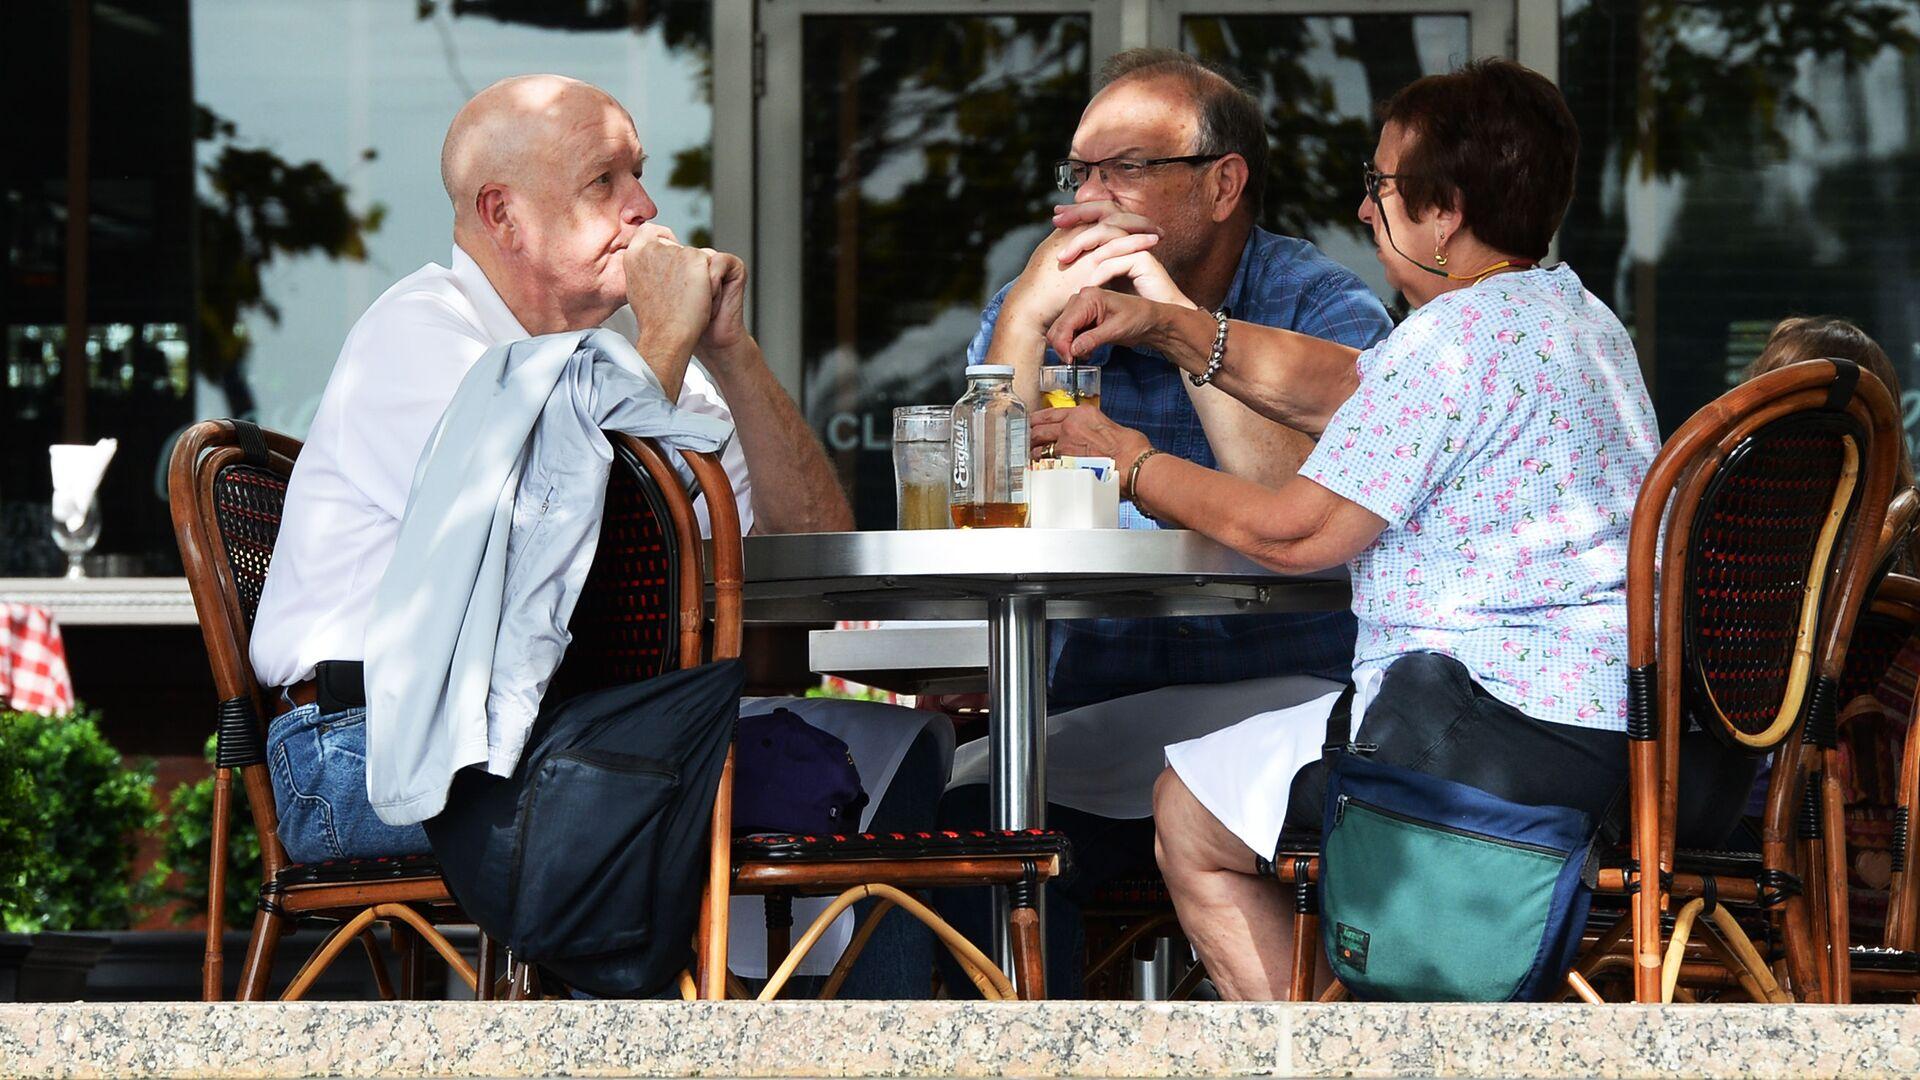 Anziani seduti al tavolino di un bar - Sputnik Italia, 1920, 12.08.2021